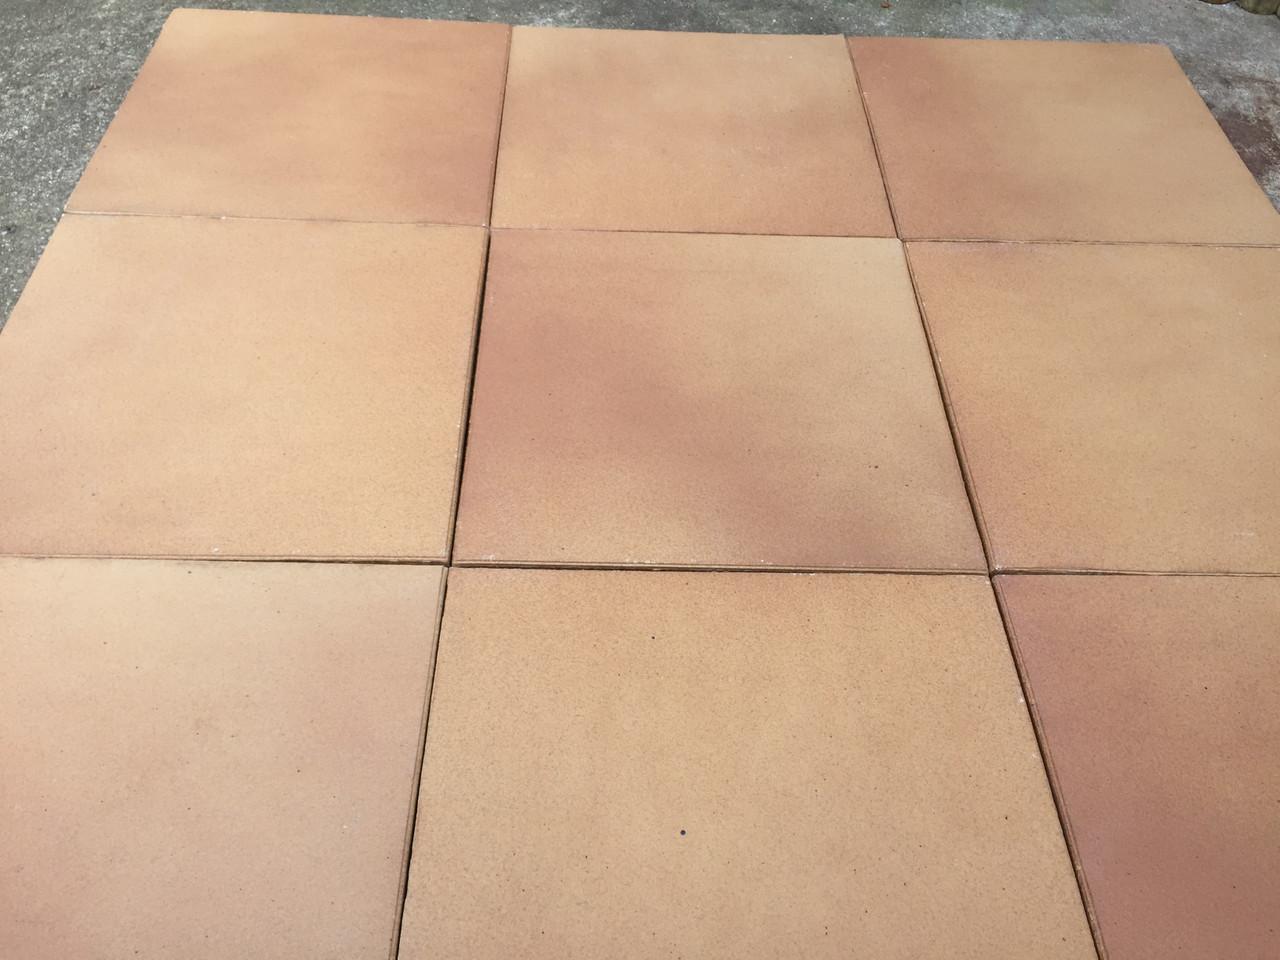 ARAG Stoneware Tiles